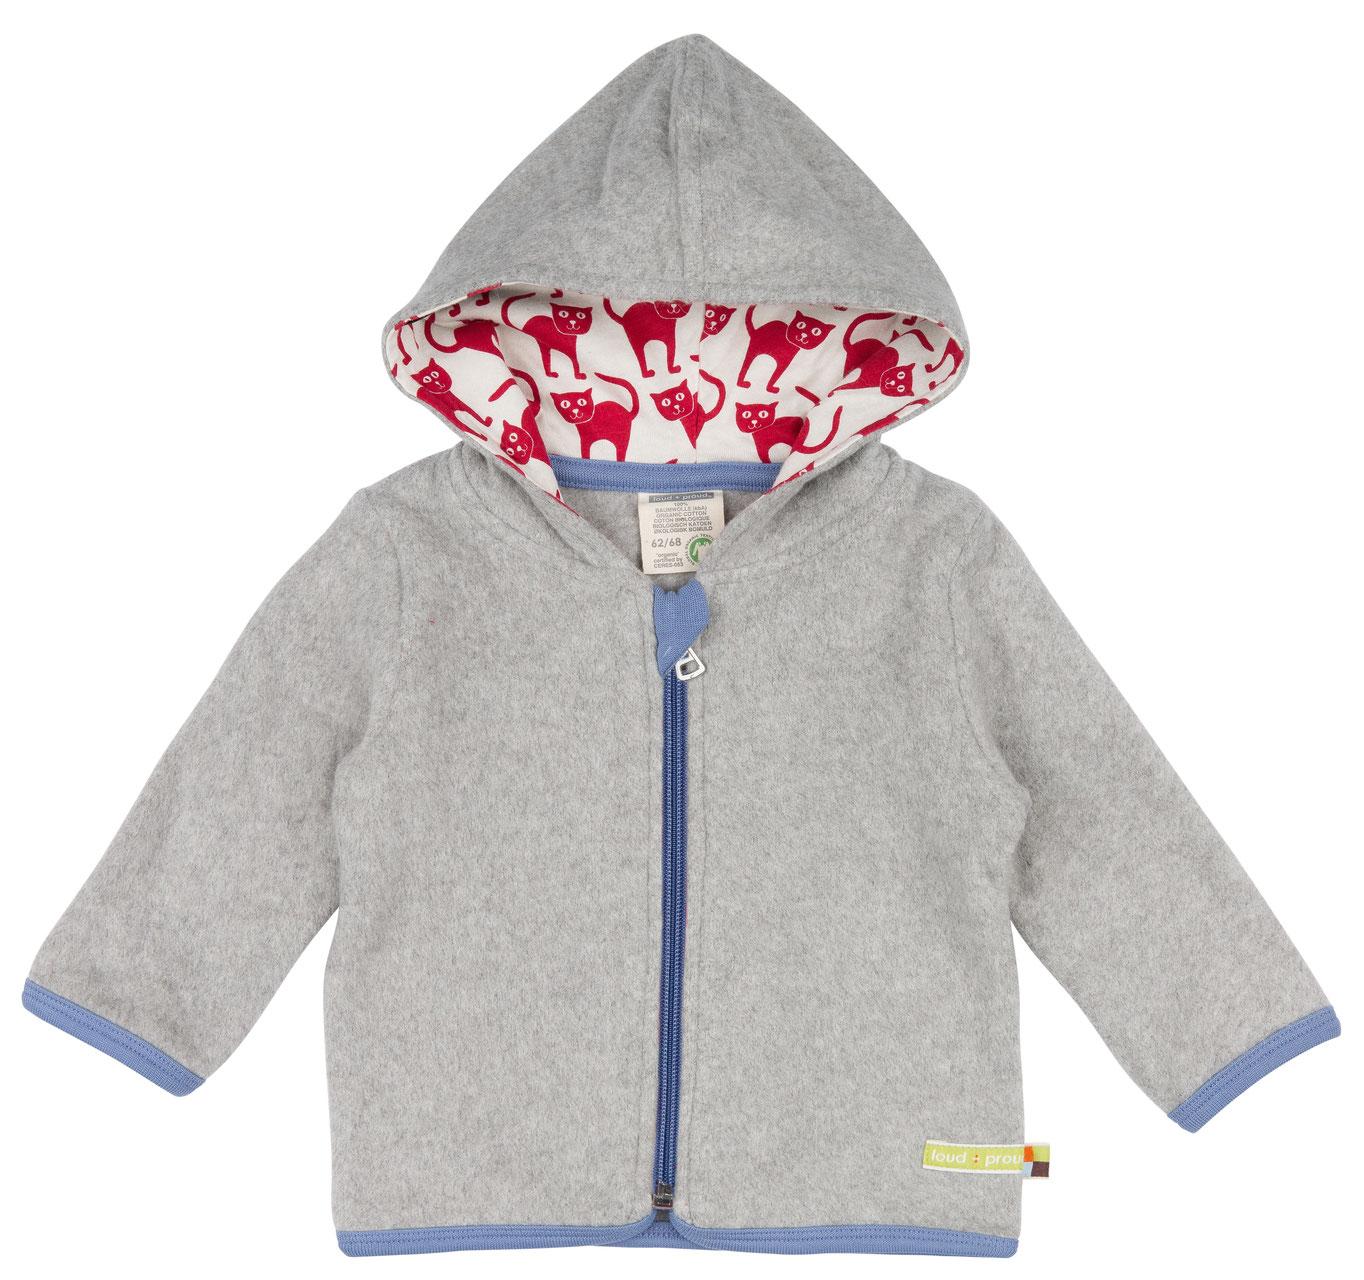 f1ebbc881a57 Jacke Loud-Proud - Bio Kinderkleidung - Alle Artikel stark Reduziert -  BABYKLEIDUNG SALE